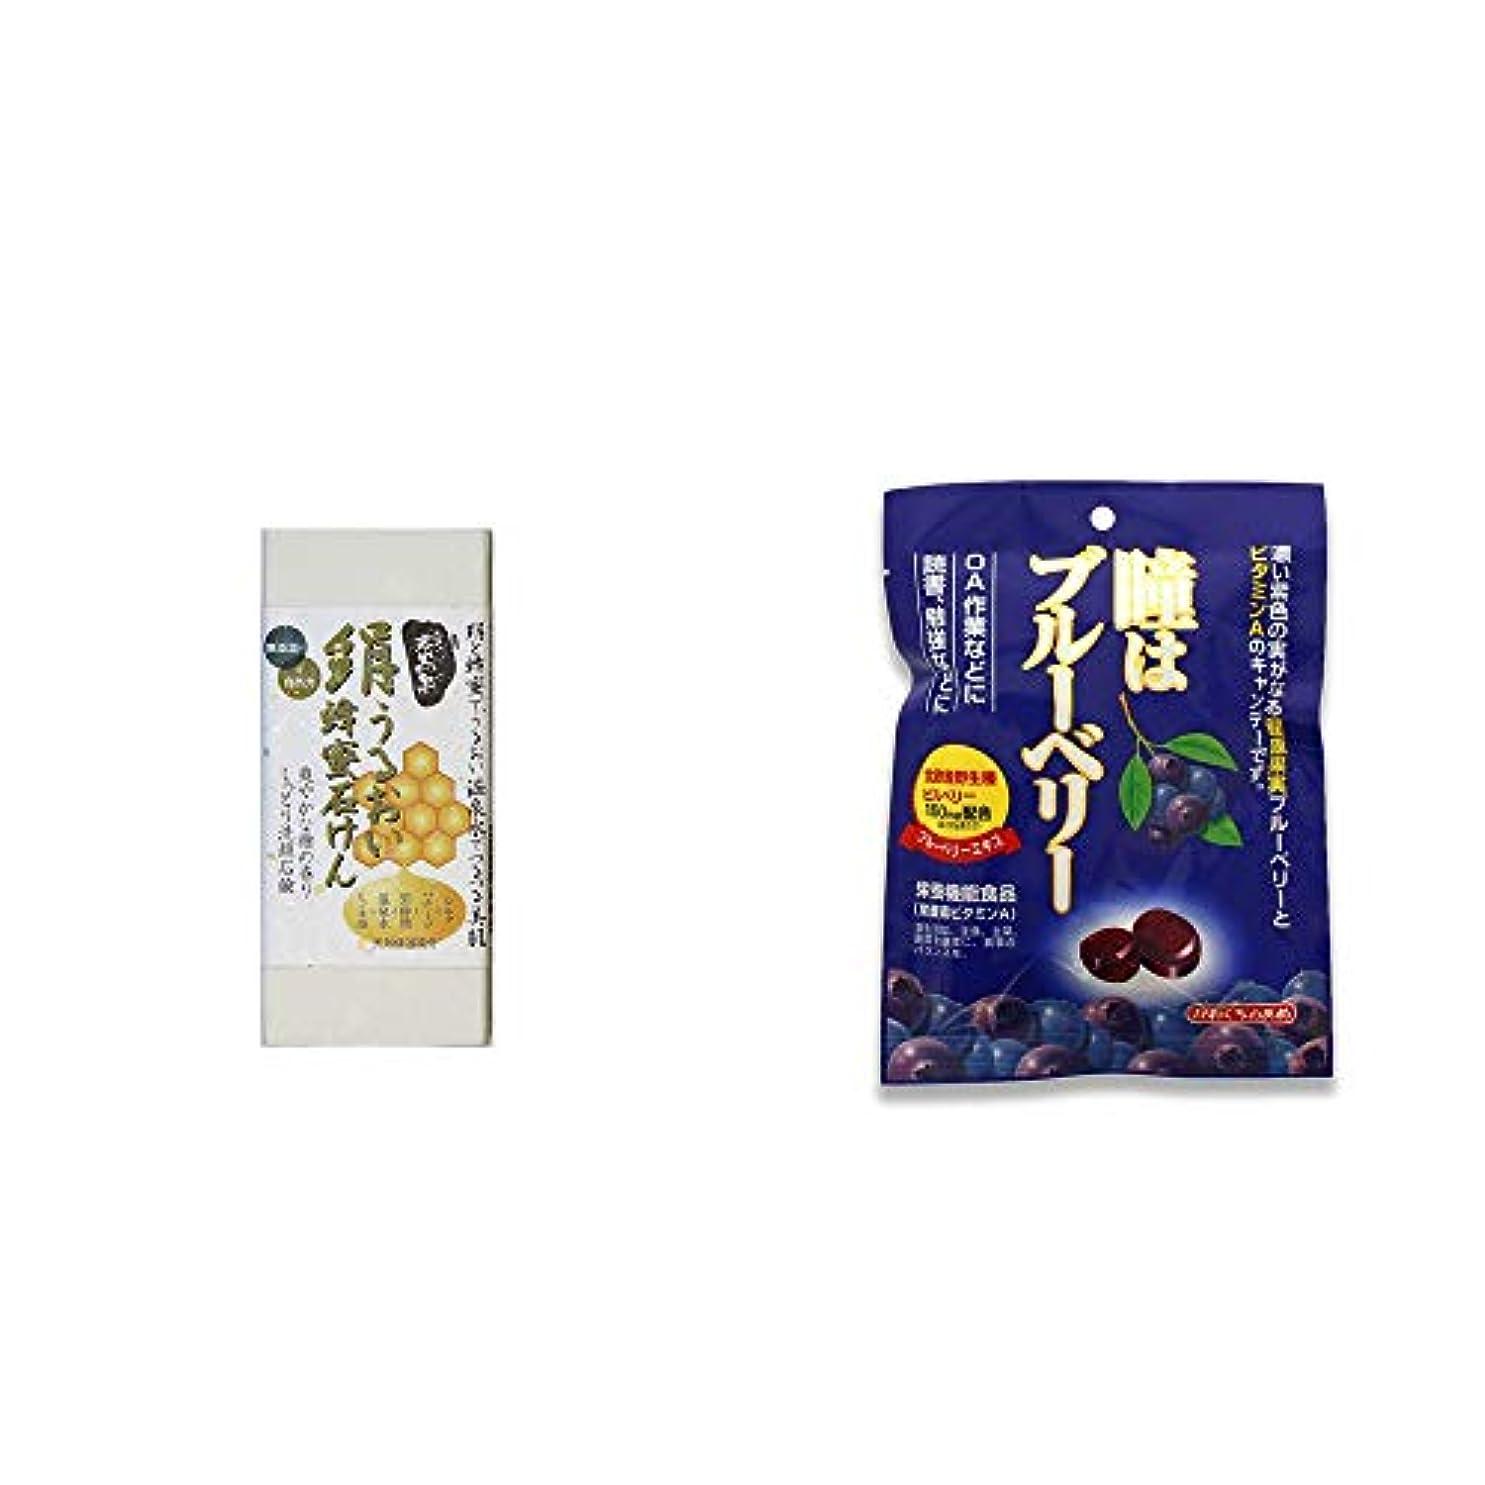 ケーキミッション合意[2点セット] ひのき炭黒泉 絹うるおい蜂蜜石けん(75g×2)?瞳はブルーベリー 健康機能食品[ビタミンA](100g)